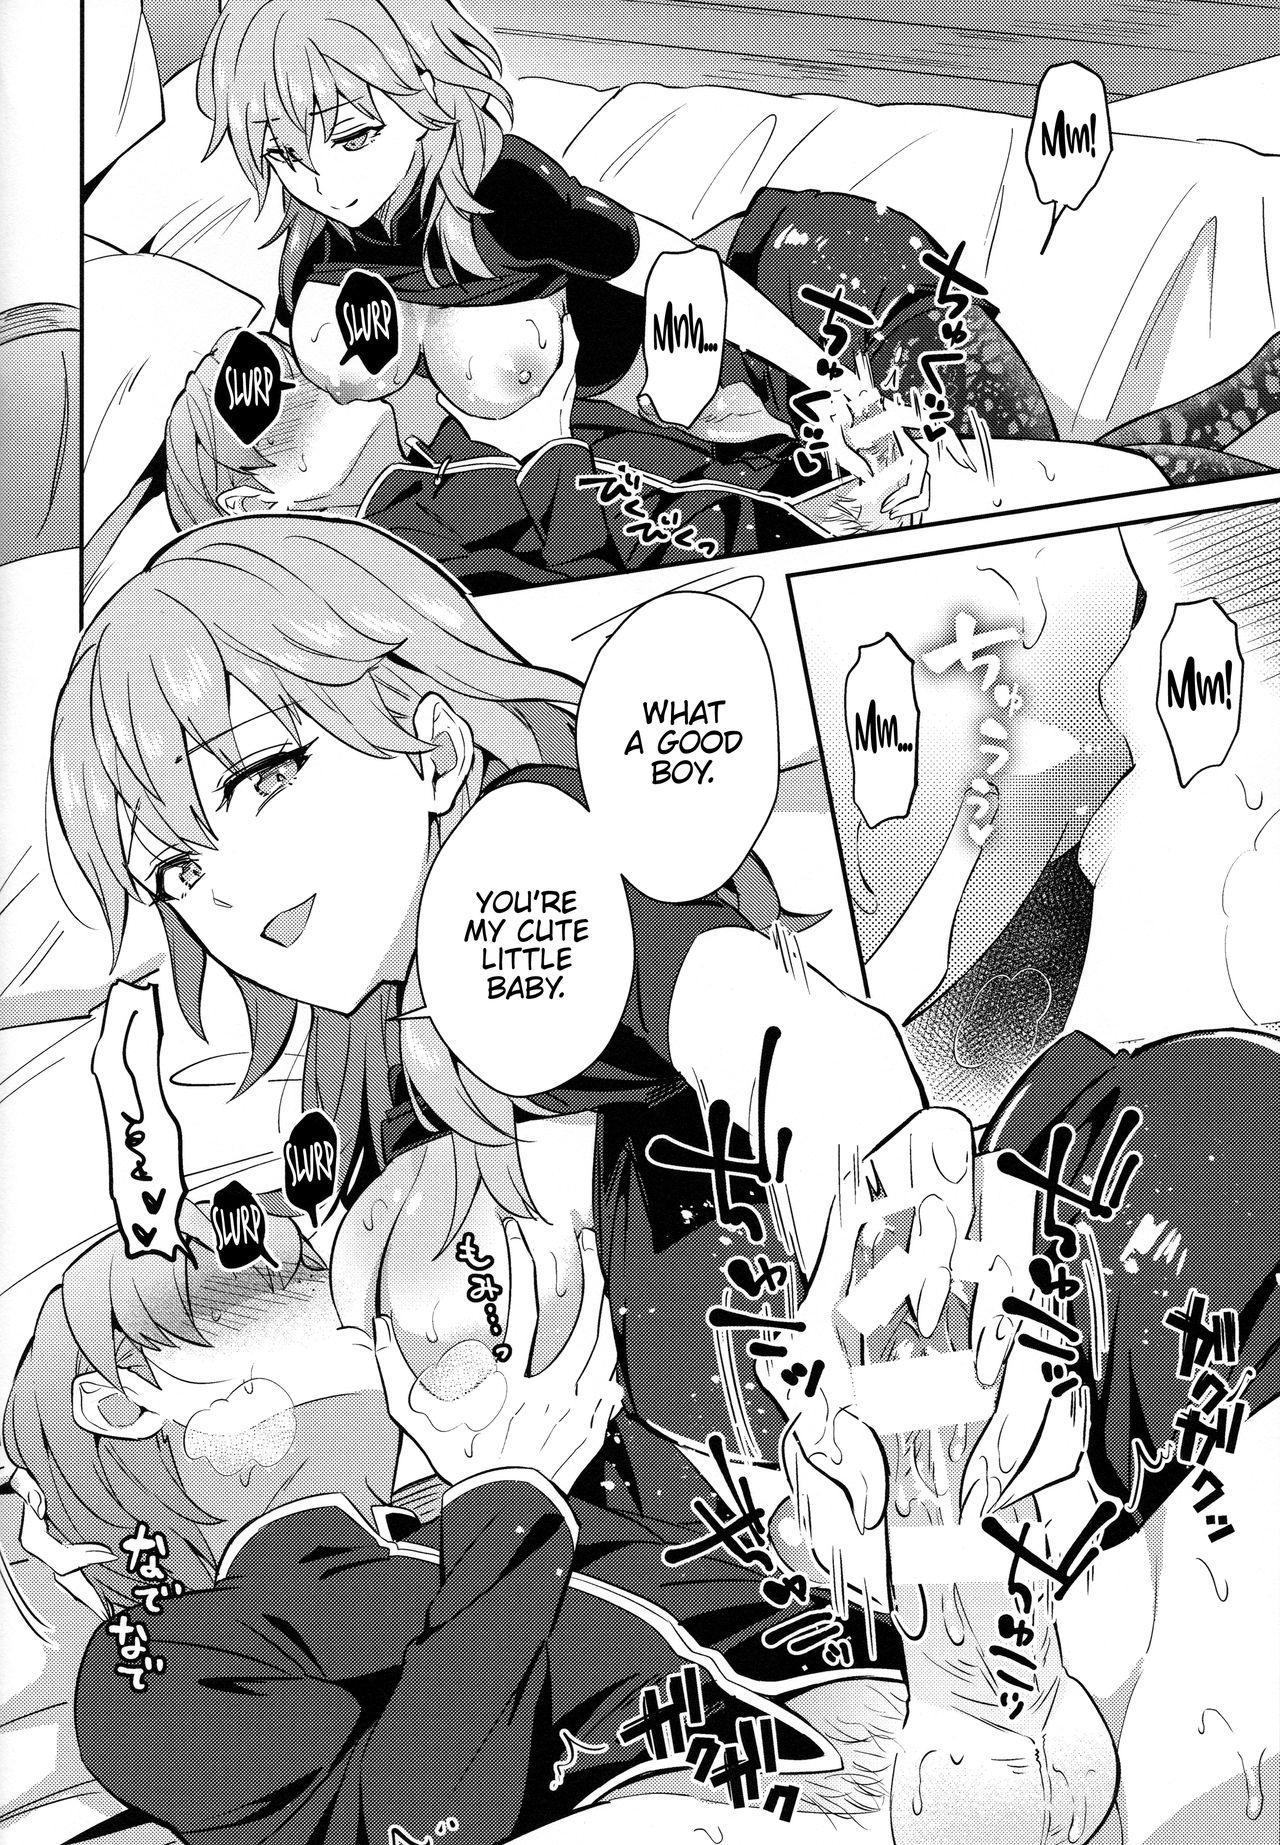 [Usamimi Syndrome (Erutasuku)] Daisuki na Sensei o Oyome-san ni Shita Hazu ga Boku ga Oyome-san ni Sareru nante!? (Fire Emblem: Three Houses) [English] {Hennojin} 19